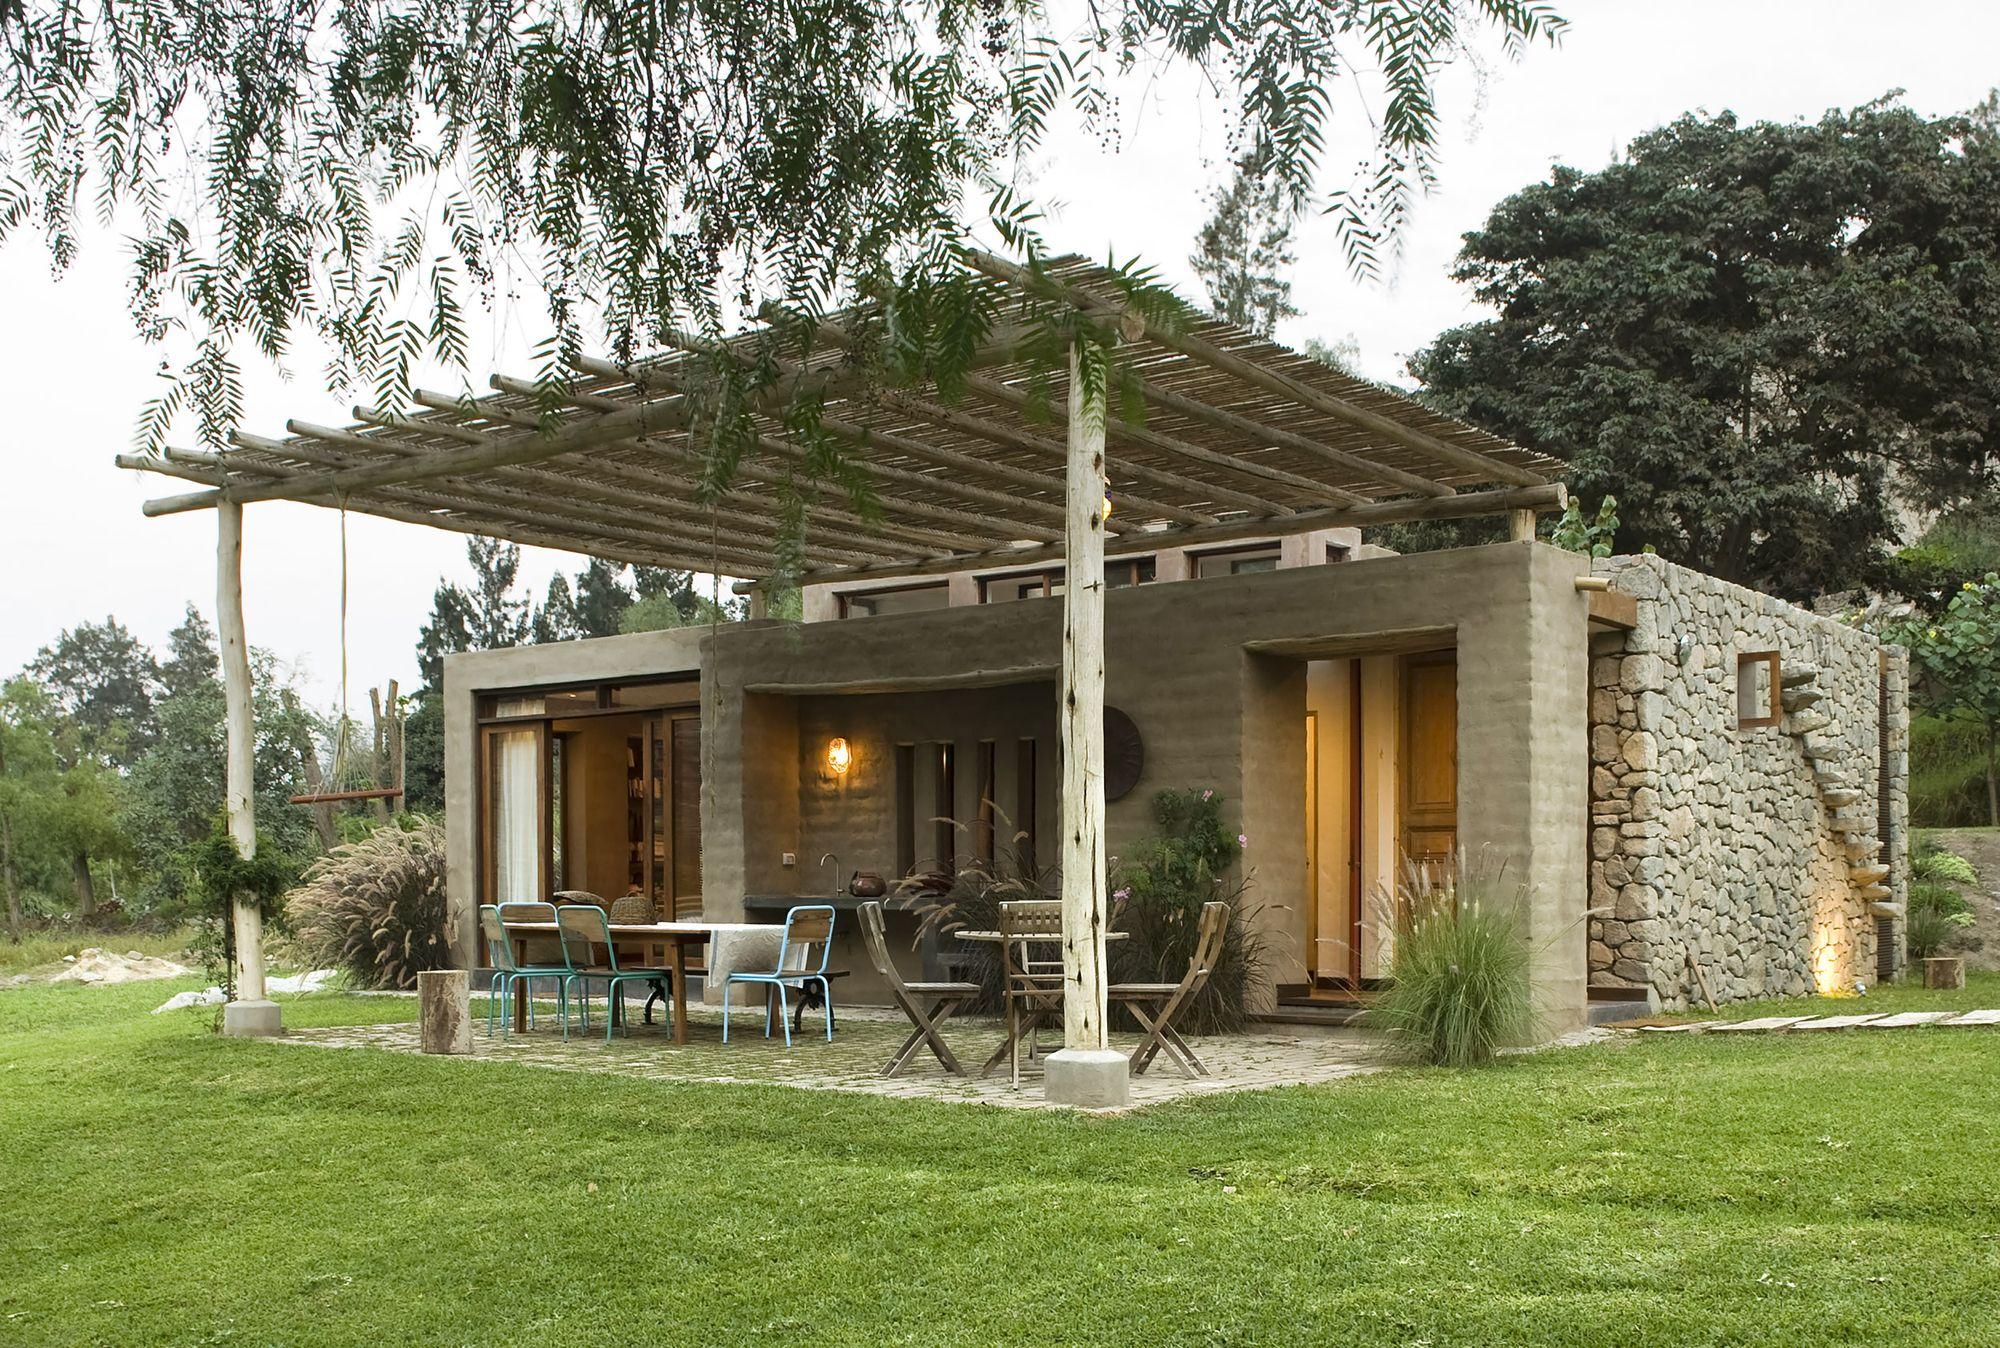 Dise o de casa de campo construida con materiales - Casas de campo ...